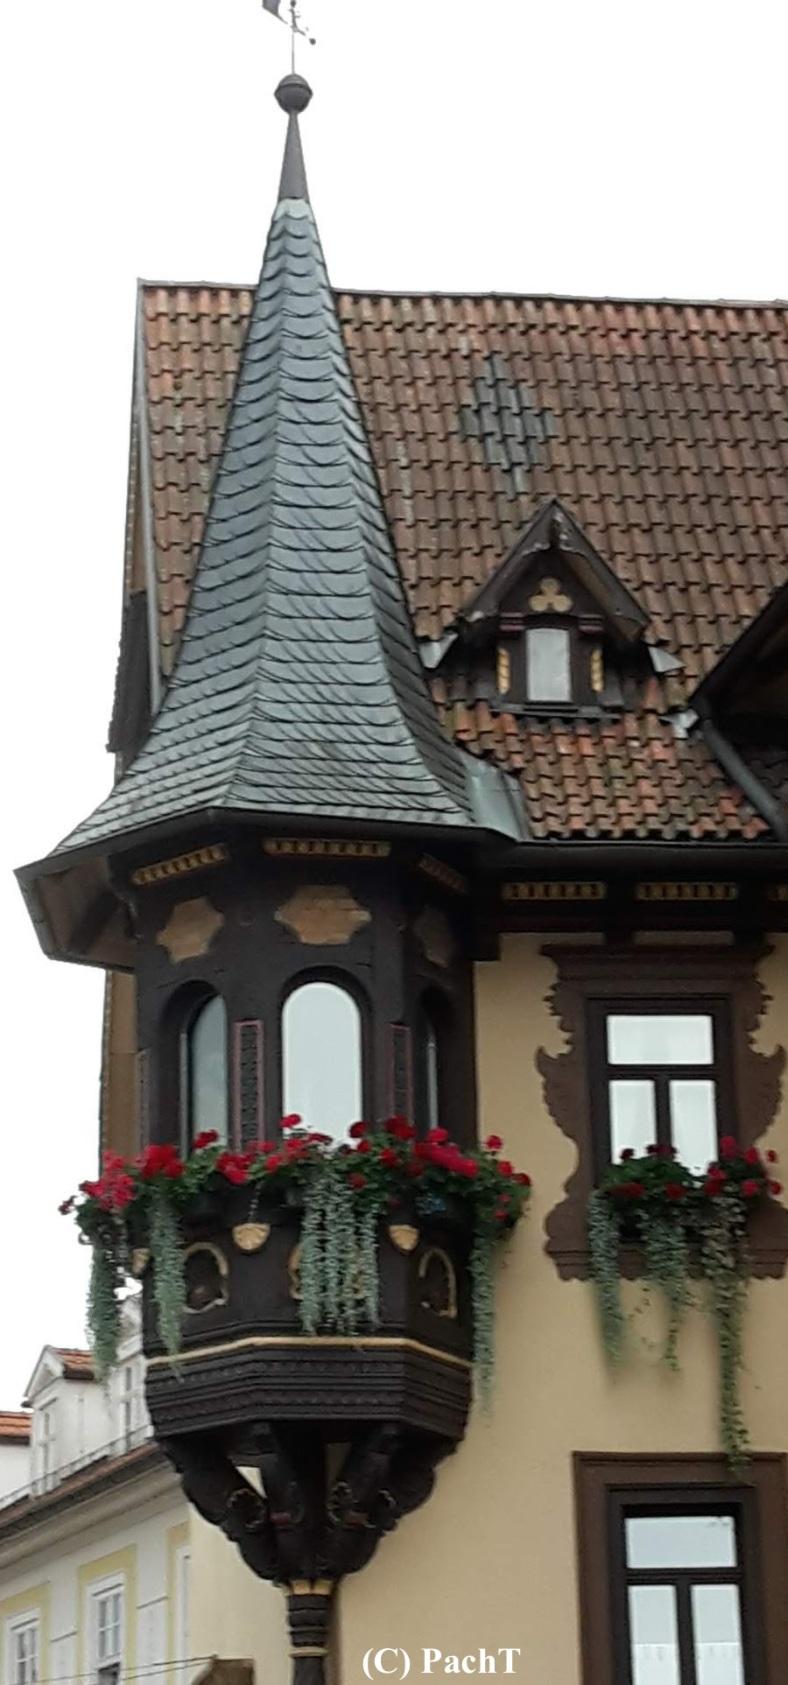 2018.08.15_07 Meinigen - Impressionen Altstadt